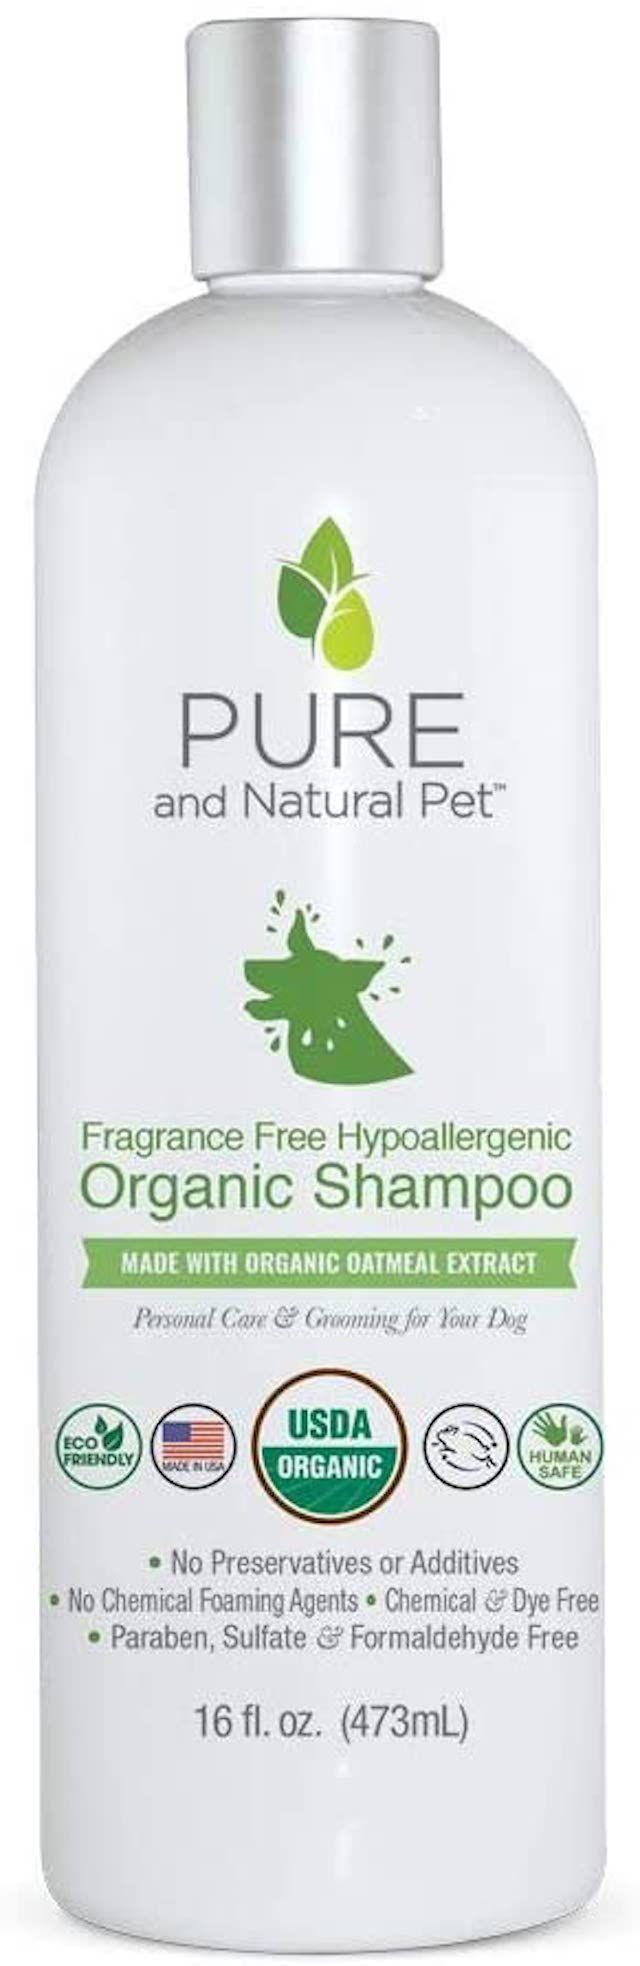 Pure and Natural Pet Organic Shampoo